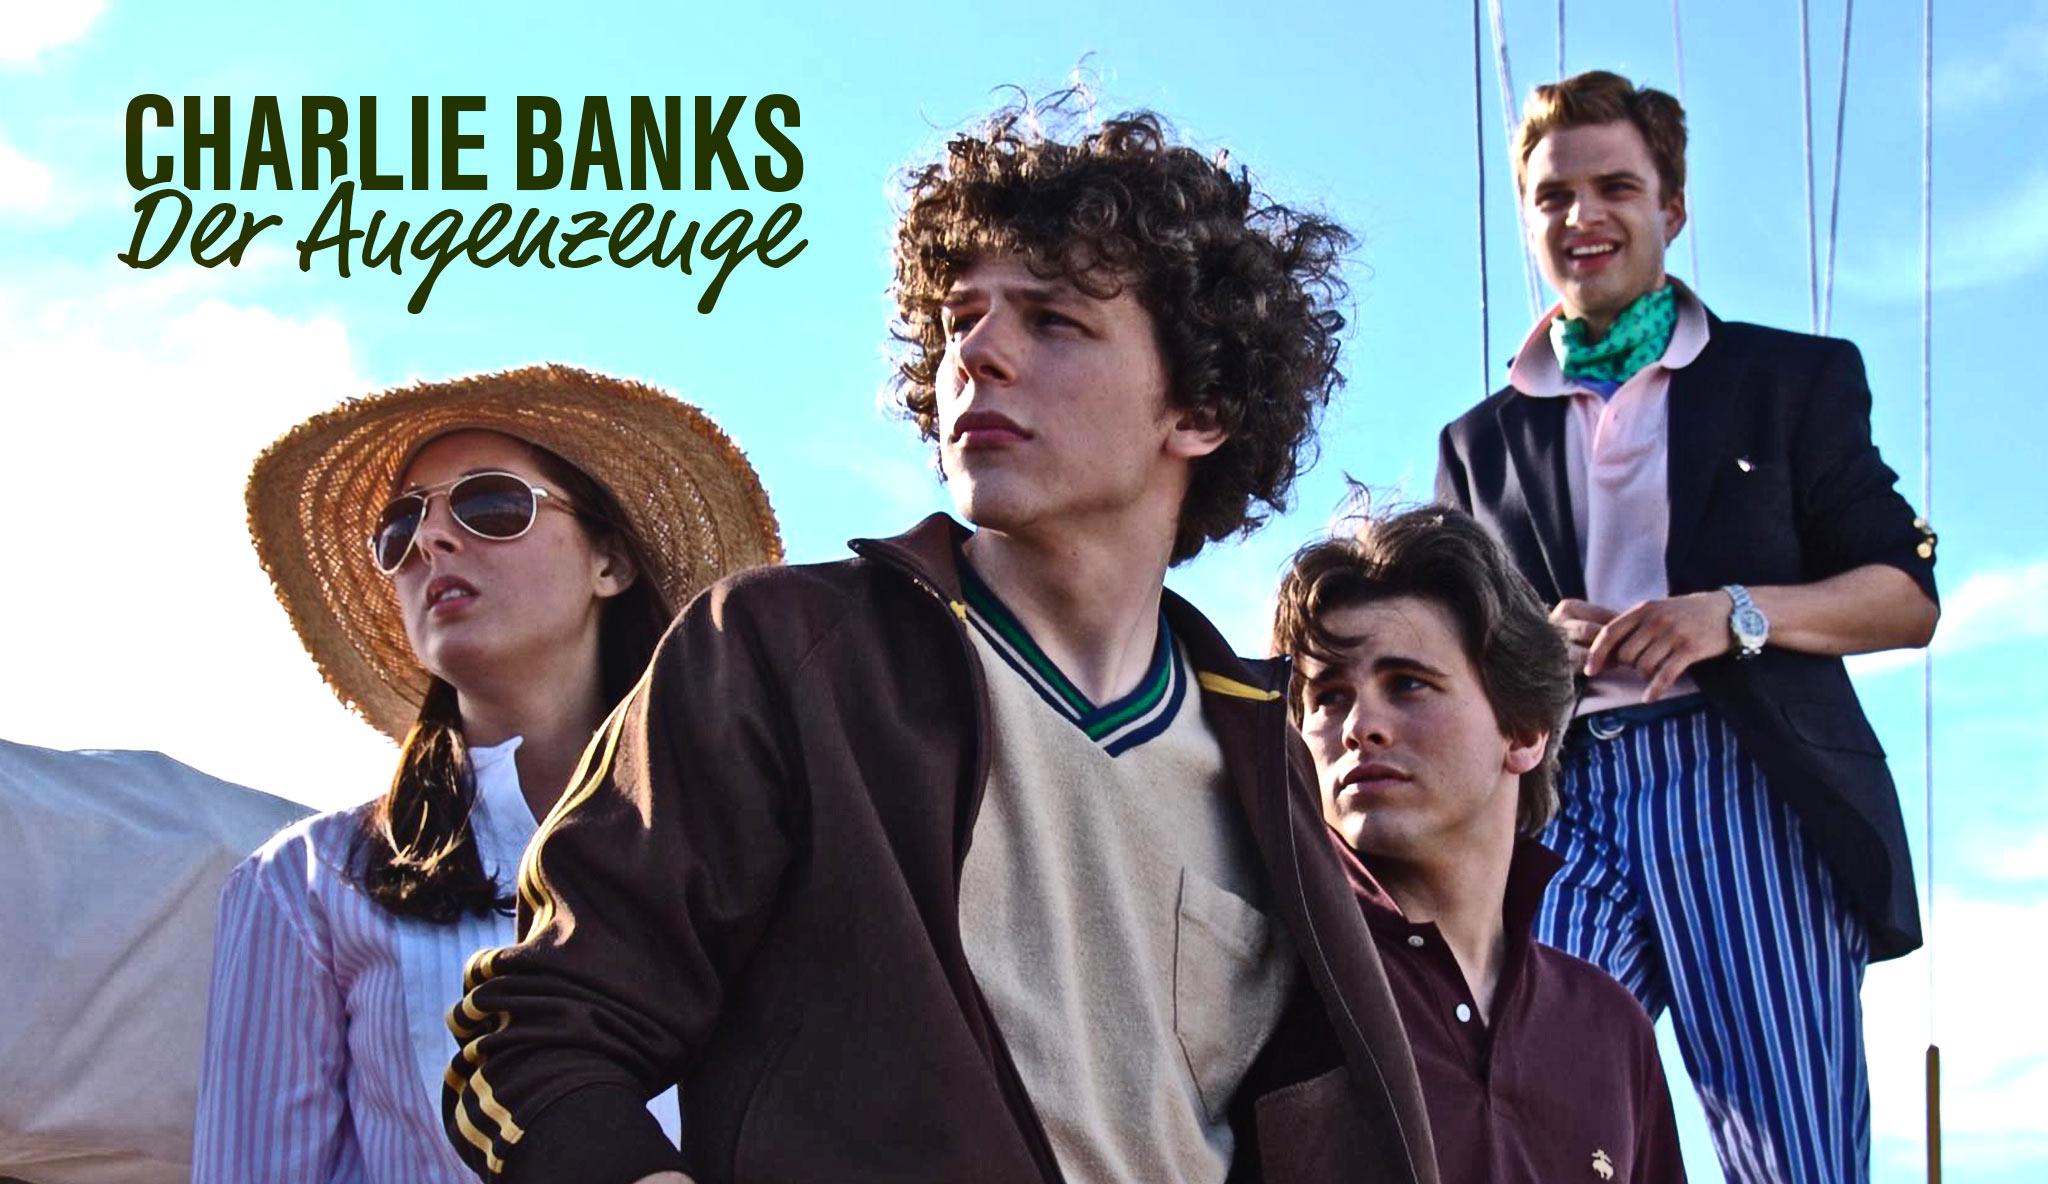 charlie-banks-der-augenzeuge\header.jpg